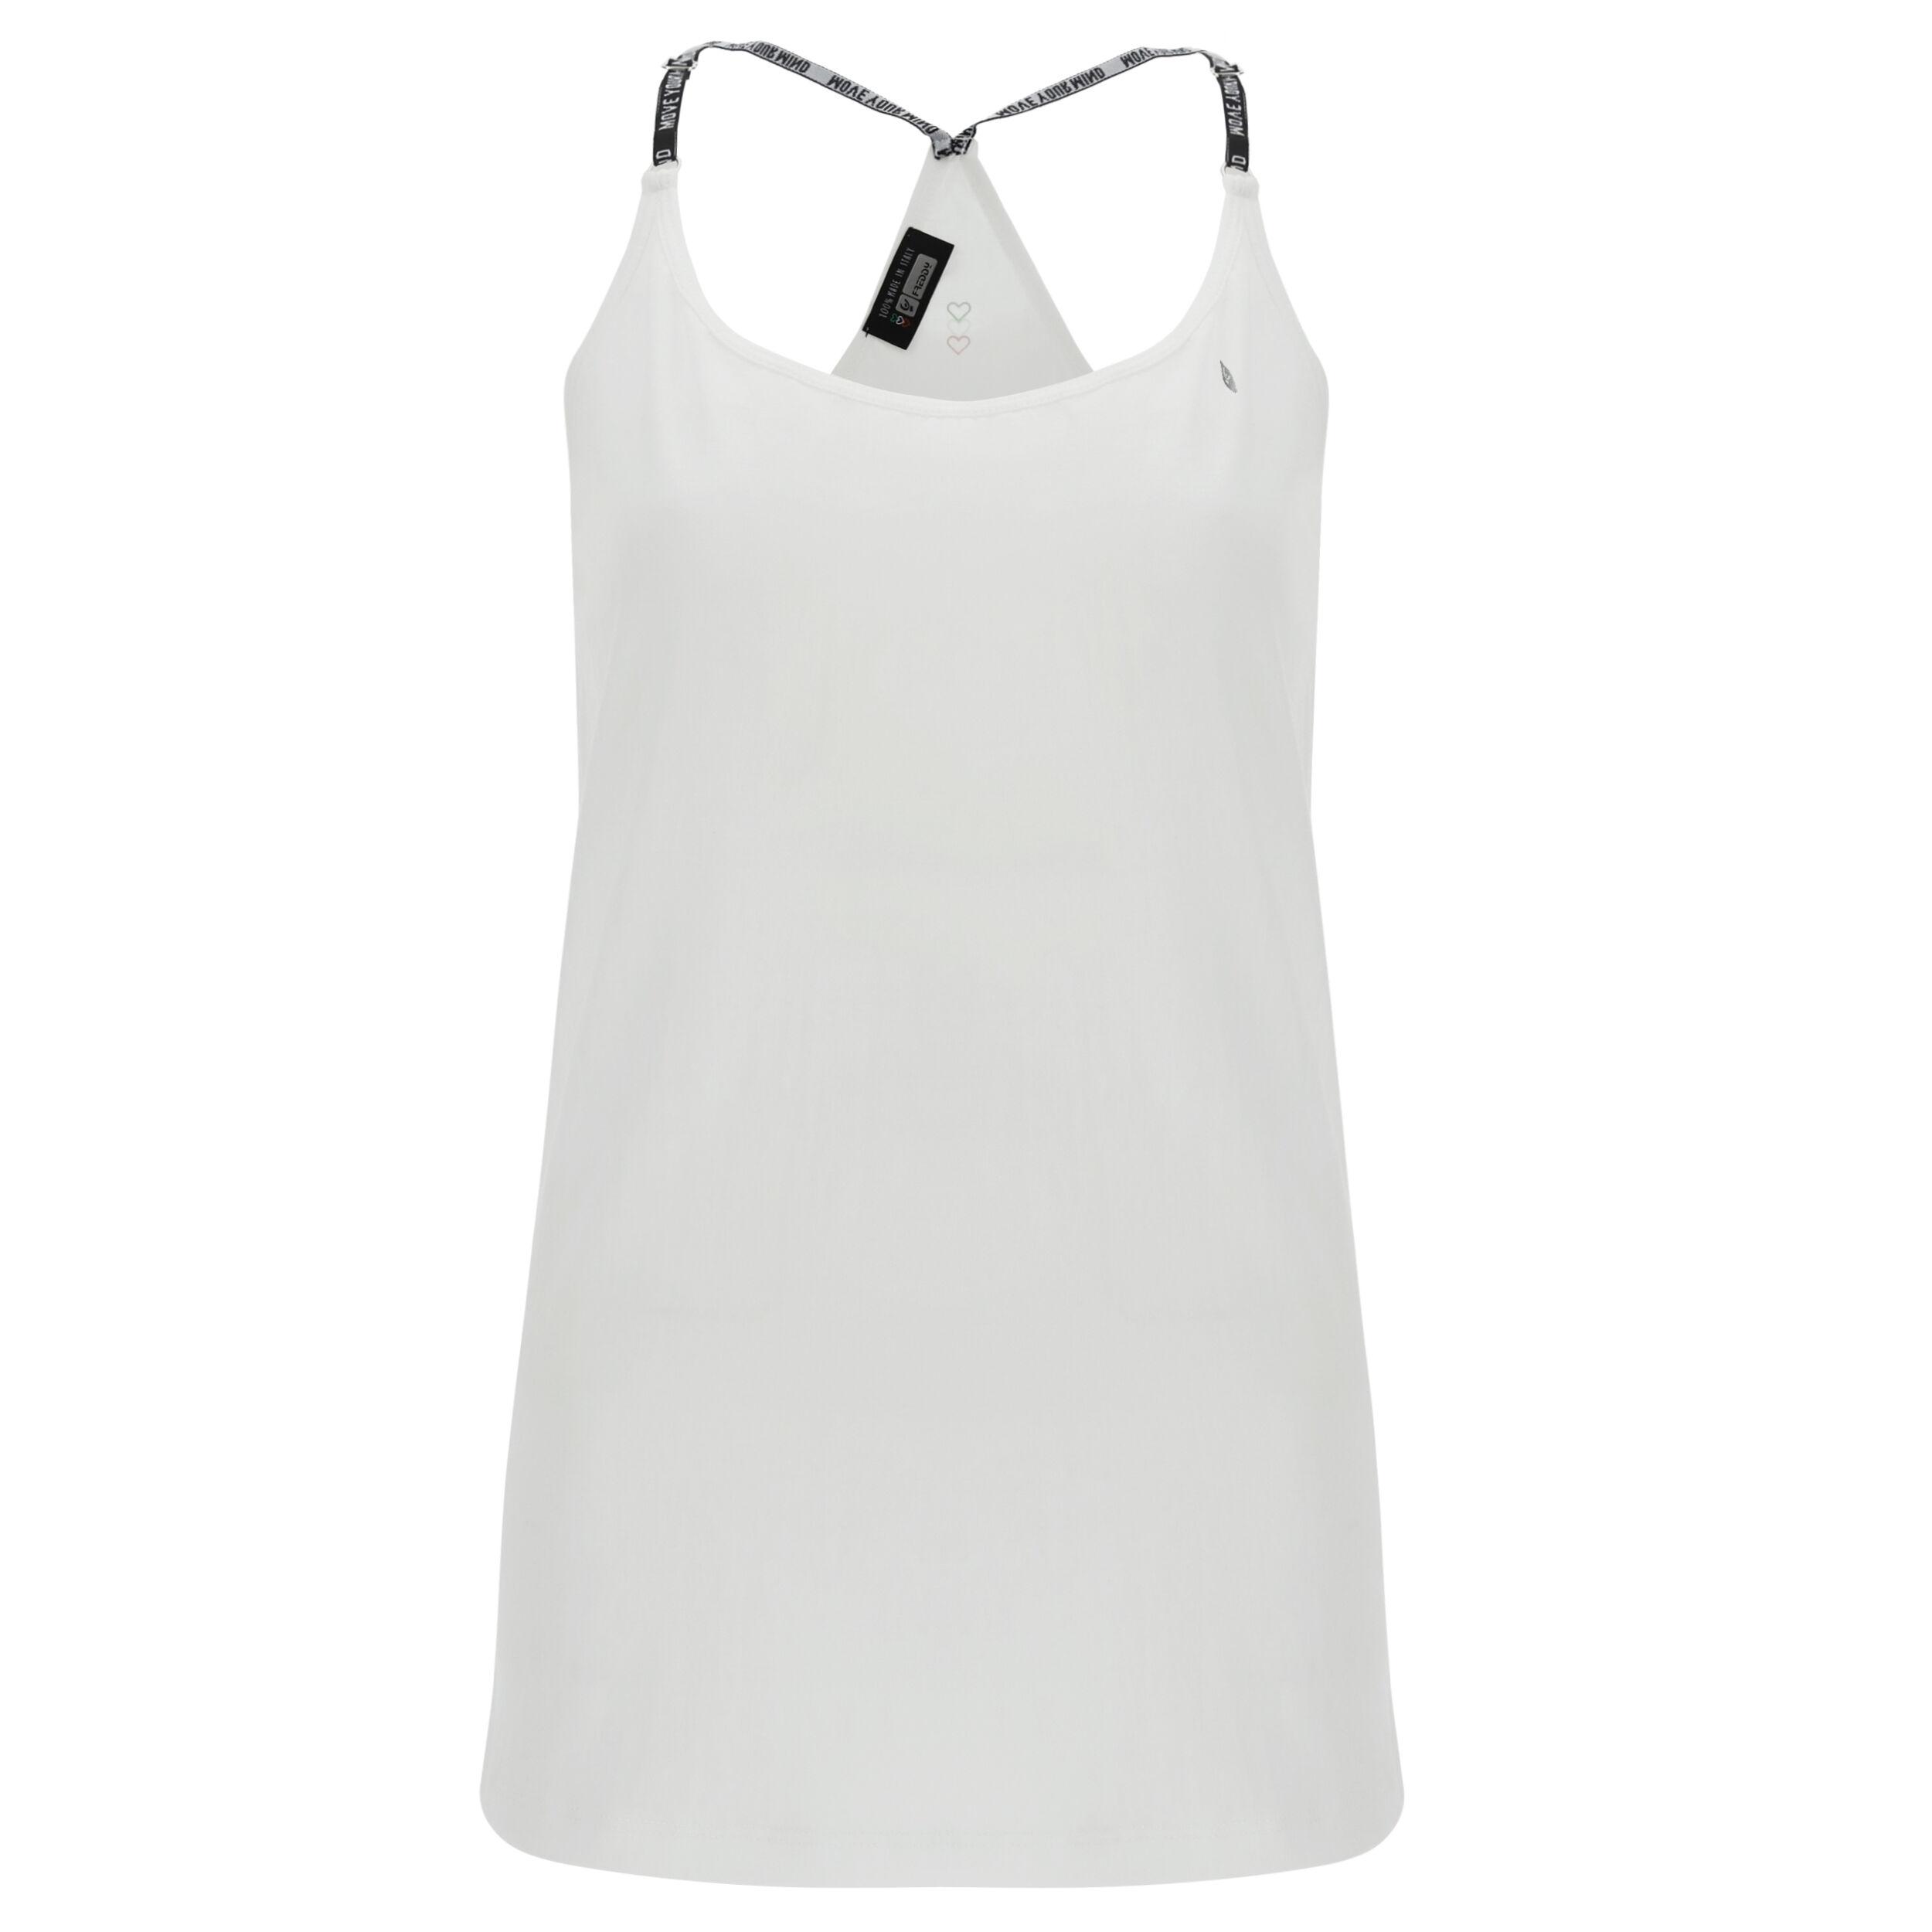 Freddy Canotta crêpe abbigliamento yoga donna - 100% Made in Italy Bianco